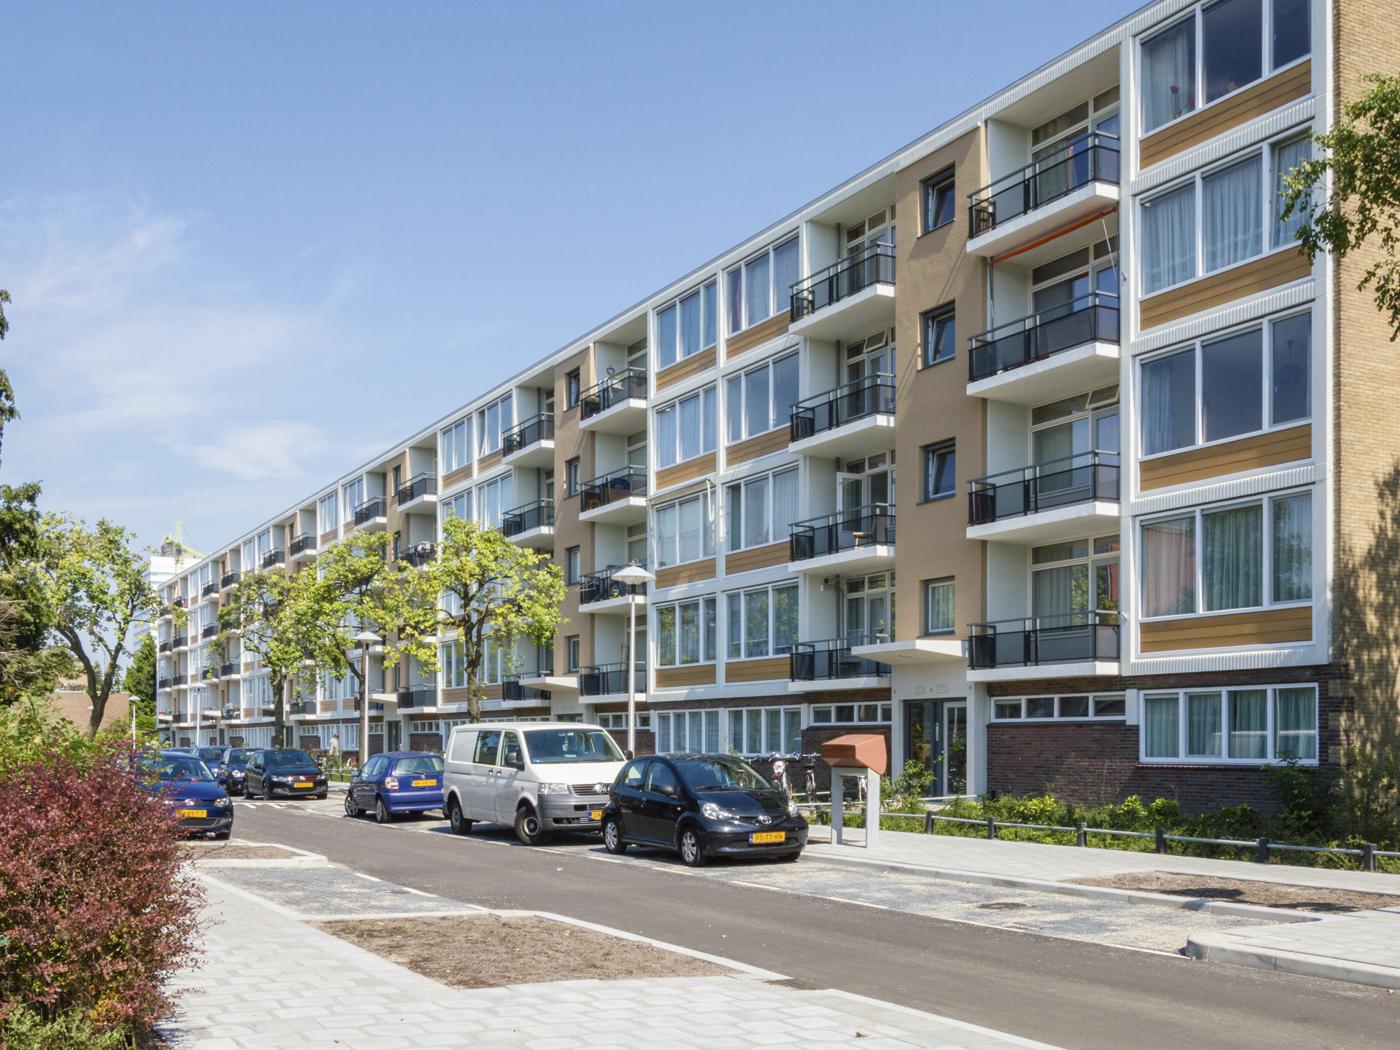 Stanleylaan Biq architecten VKG Architectuurprijs 2015 Renovatie